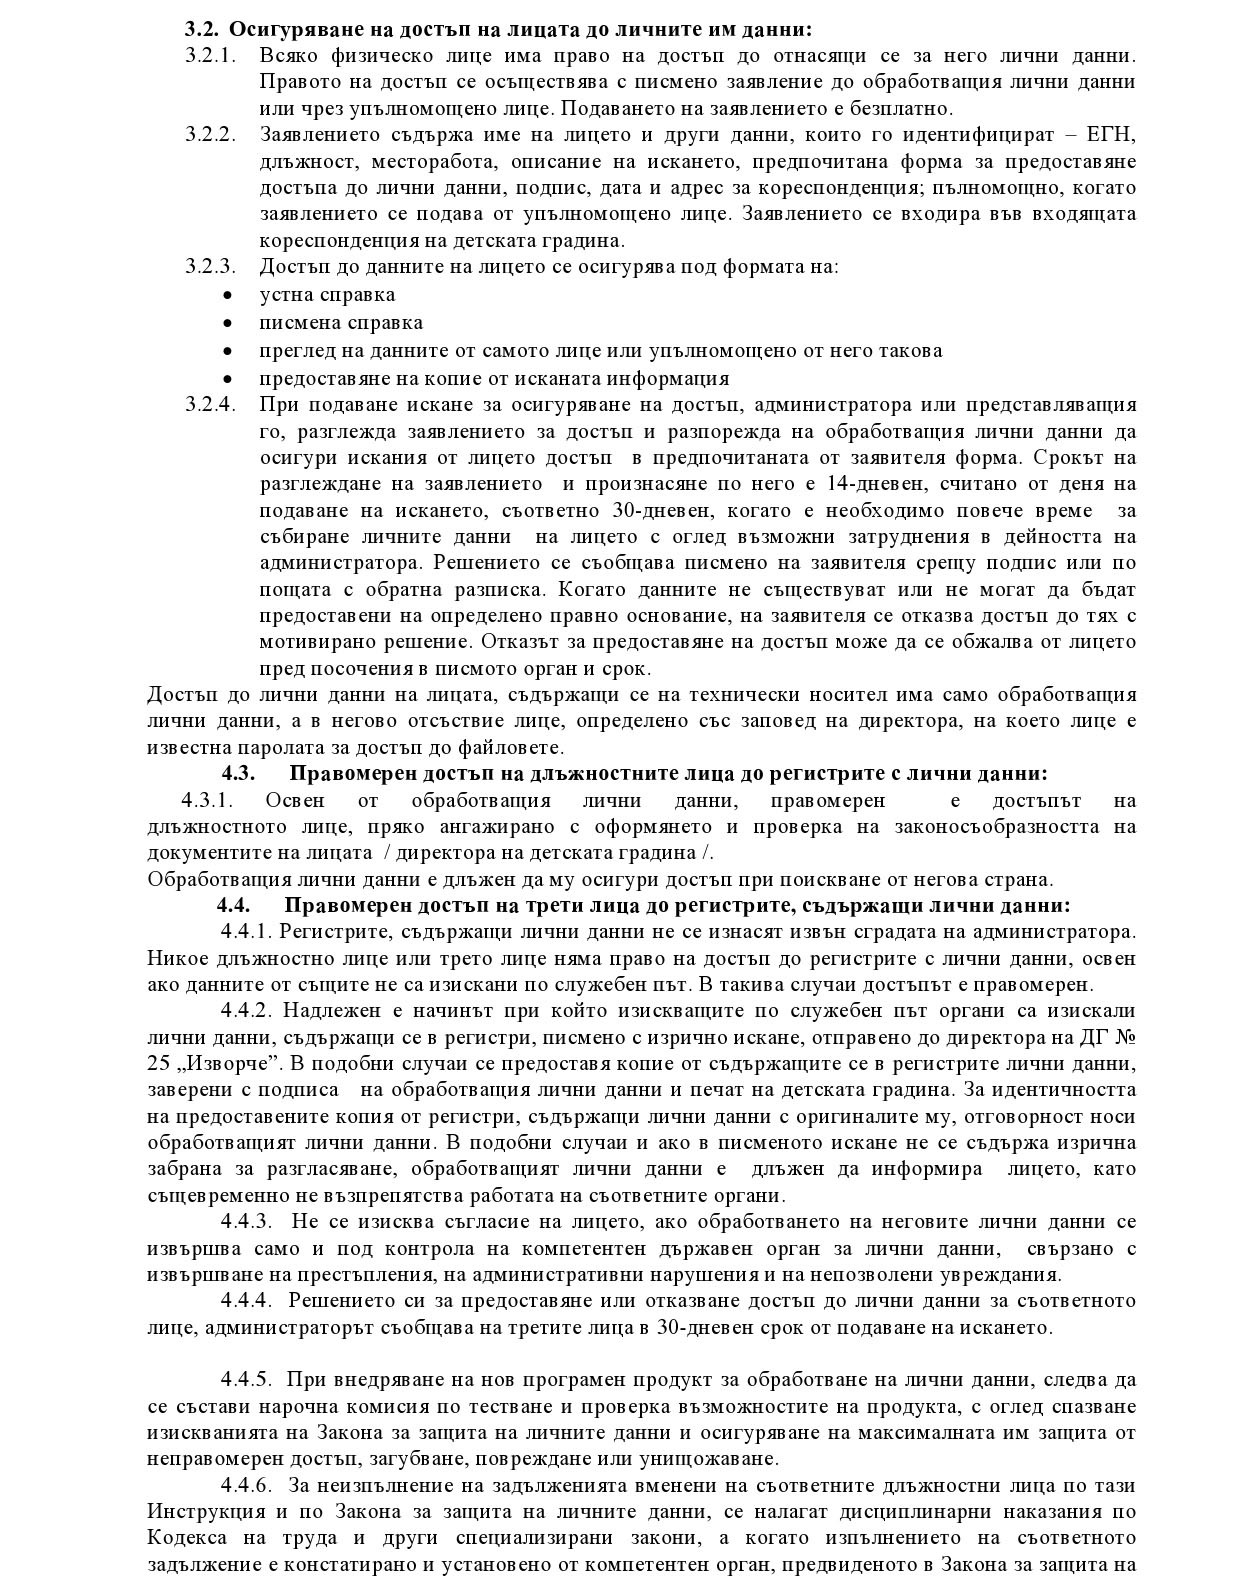 Политика за лични данни-детска градина 25 Изворче, гр. Банкя-стр 3